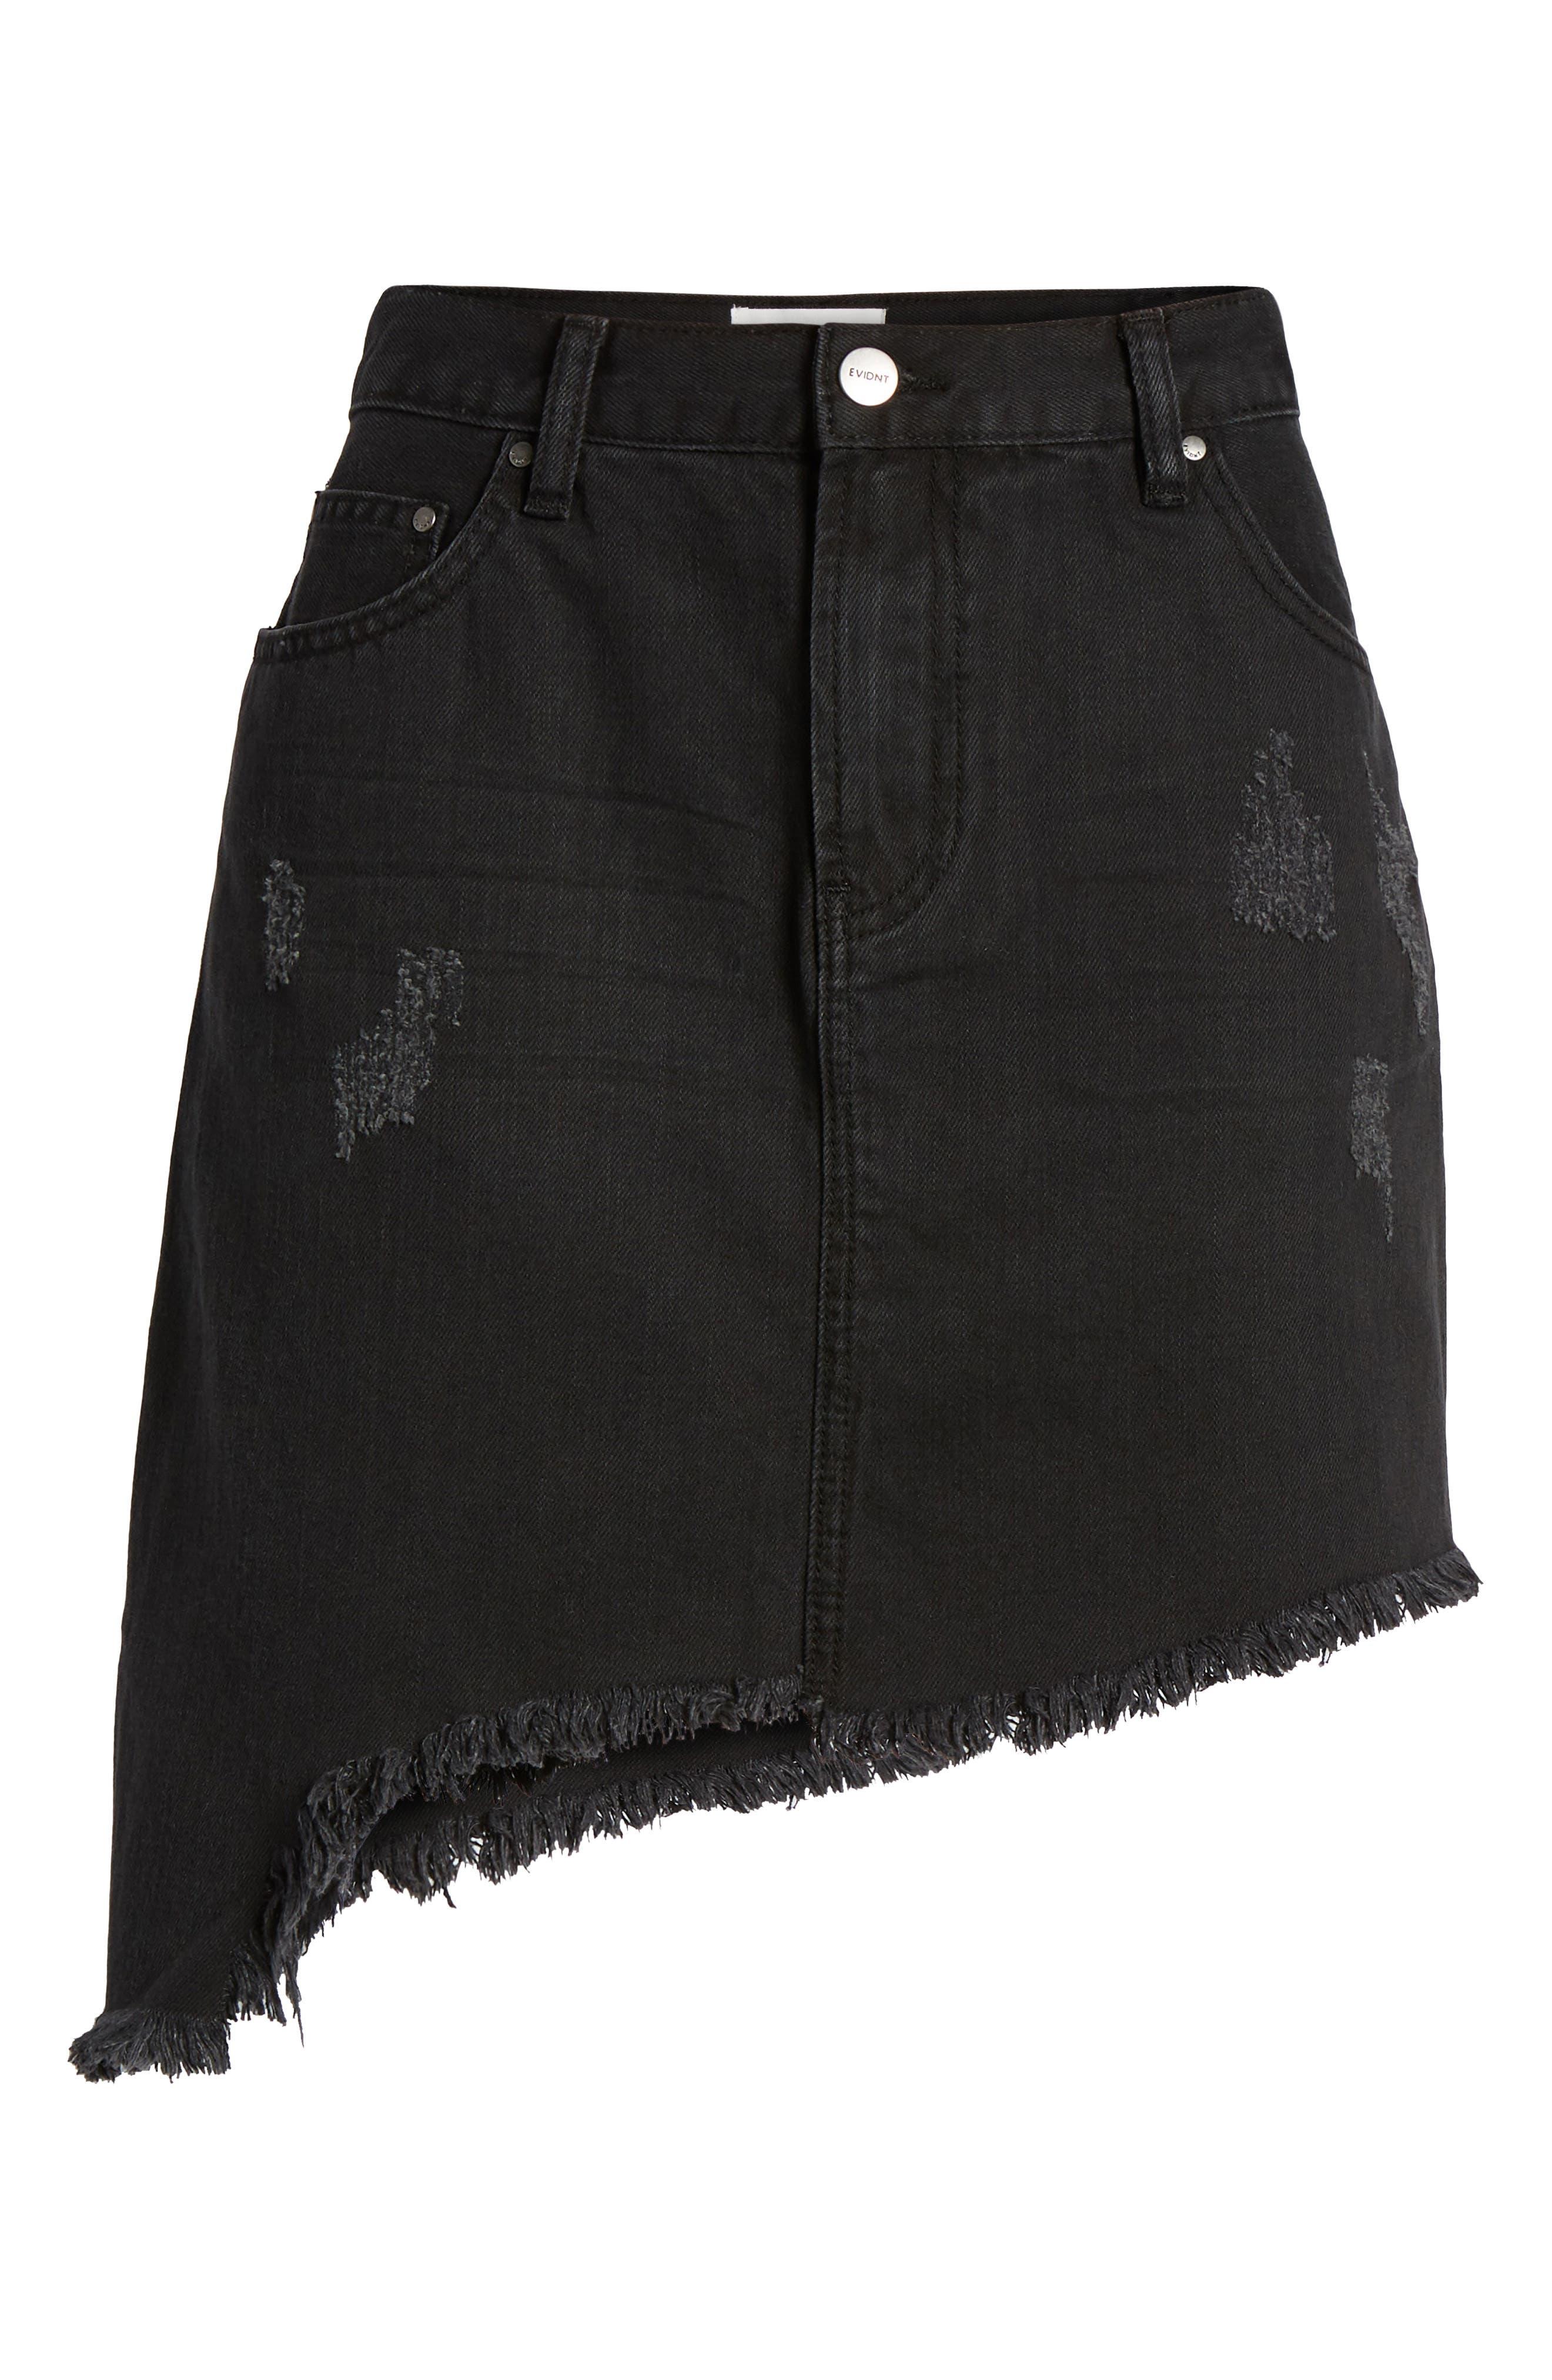 EVDNT Modena Asymmetrical Denim Skirt,                             Alternate thumbnail 7, color,                             001